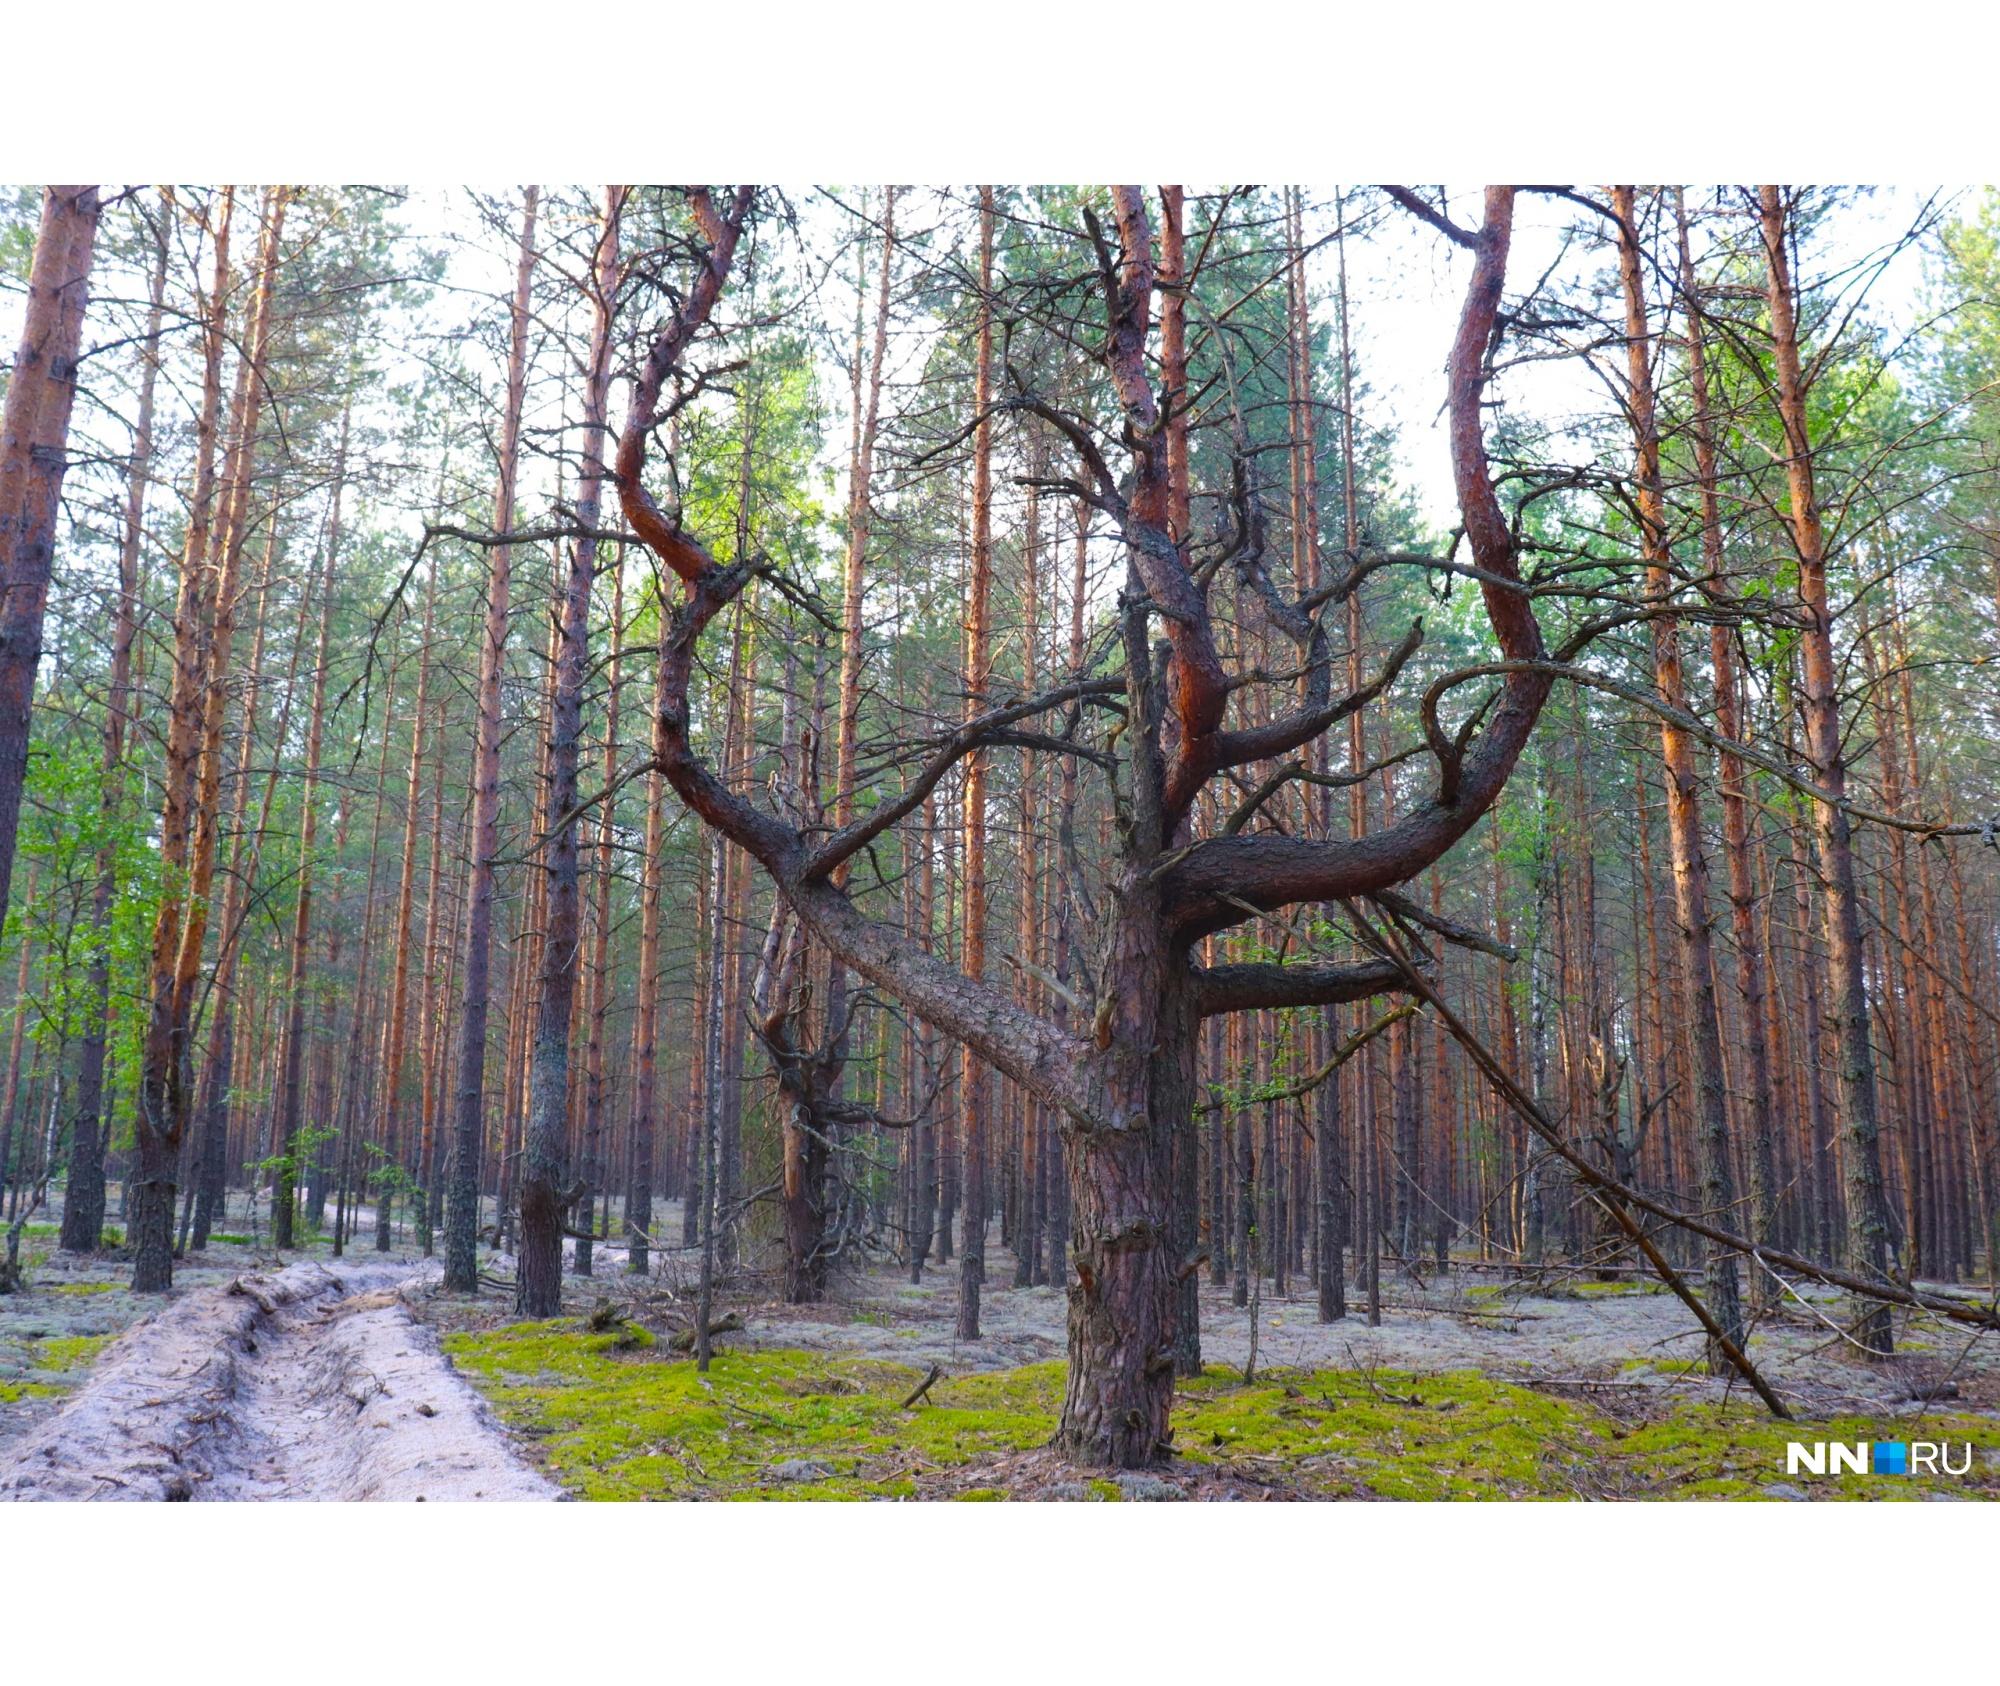 Что стало причиной таких форм деревьев в том лесу — выяснить не удалось